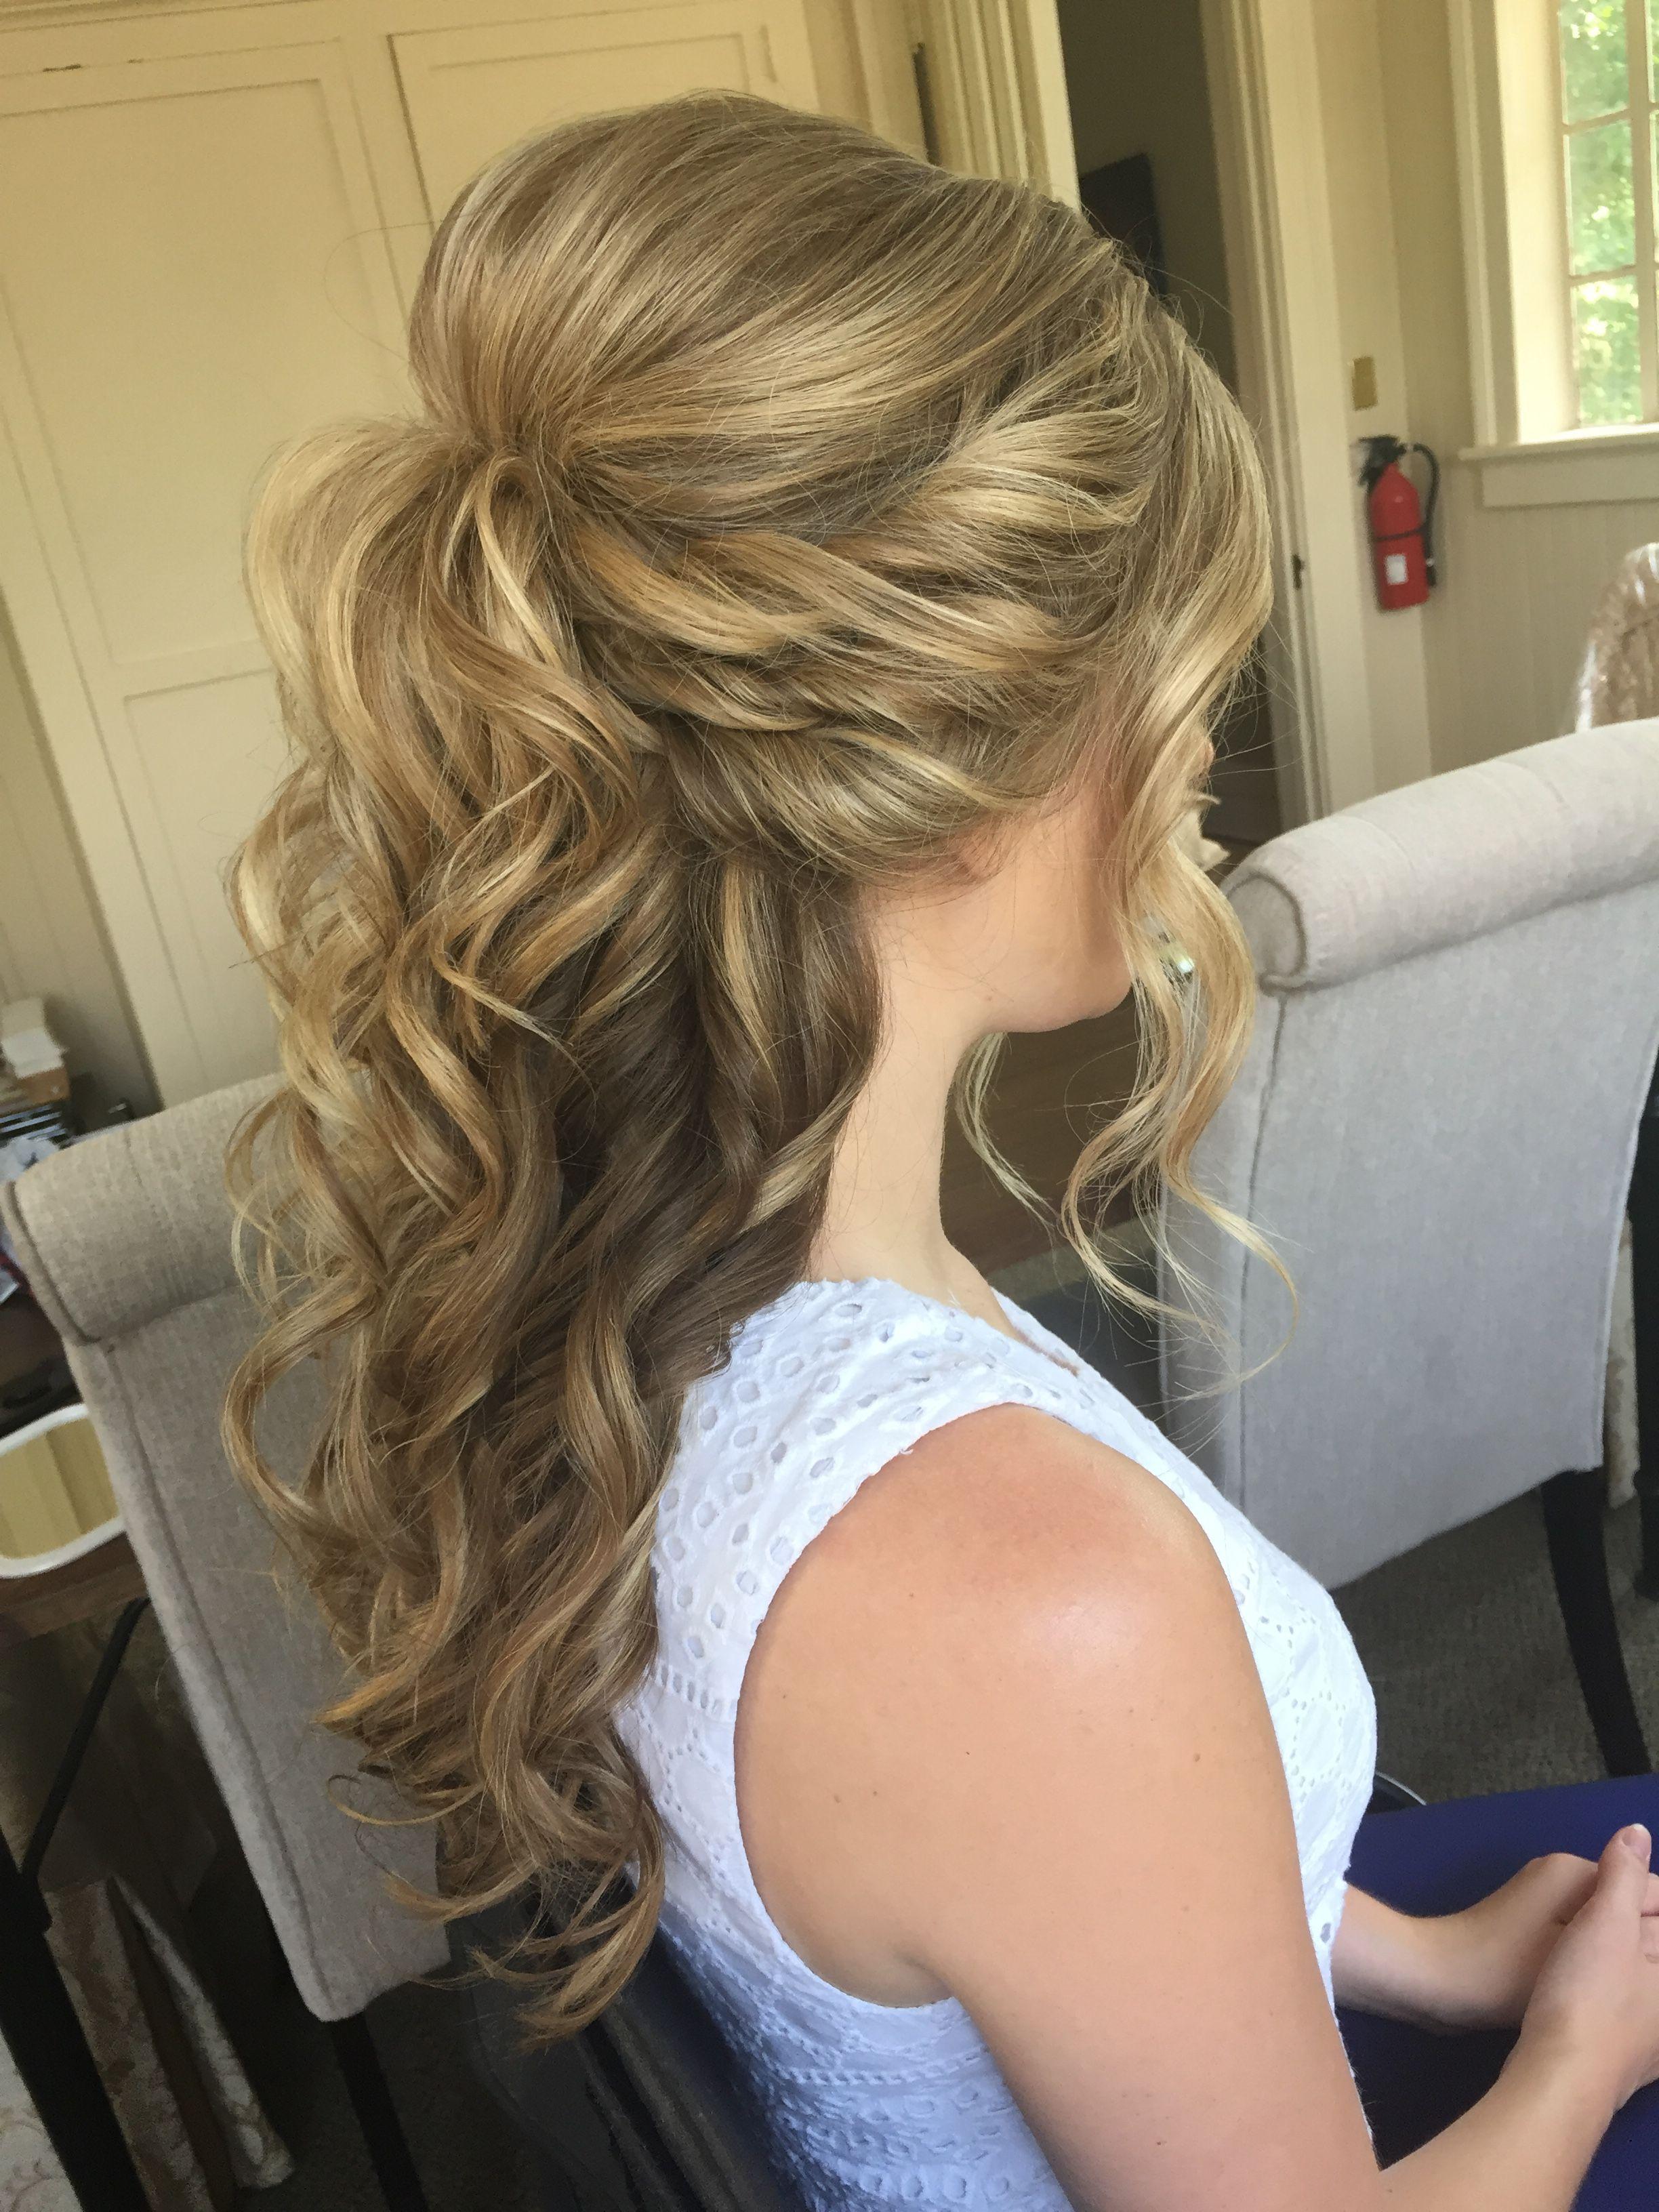 Halfup halfdown wedding hair eroticwadewisdomtumblr